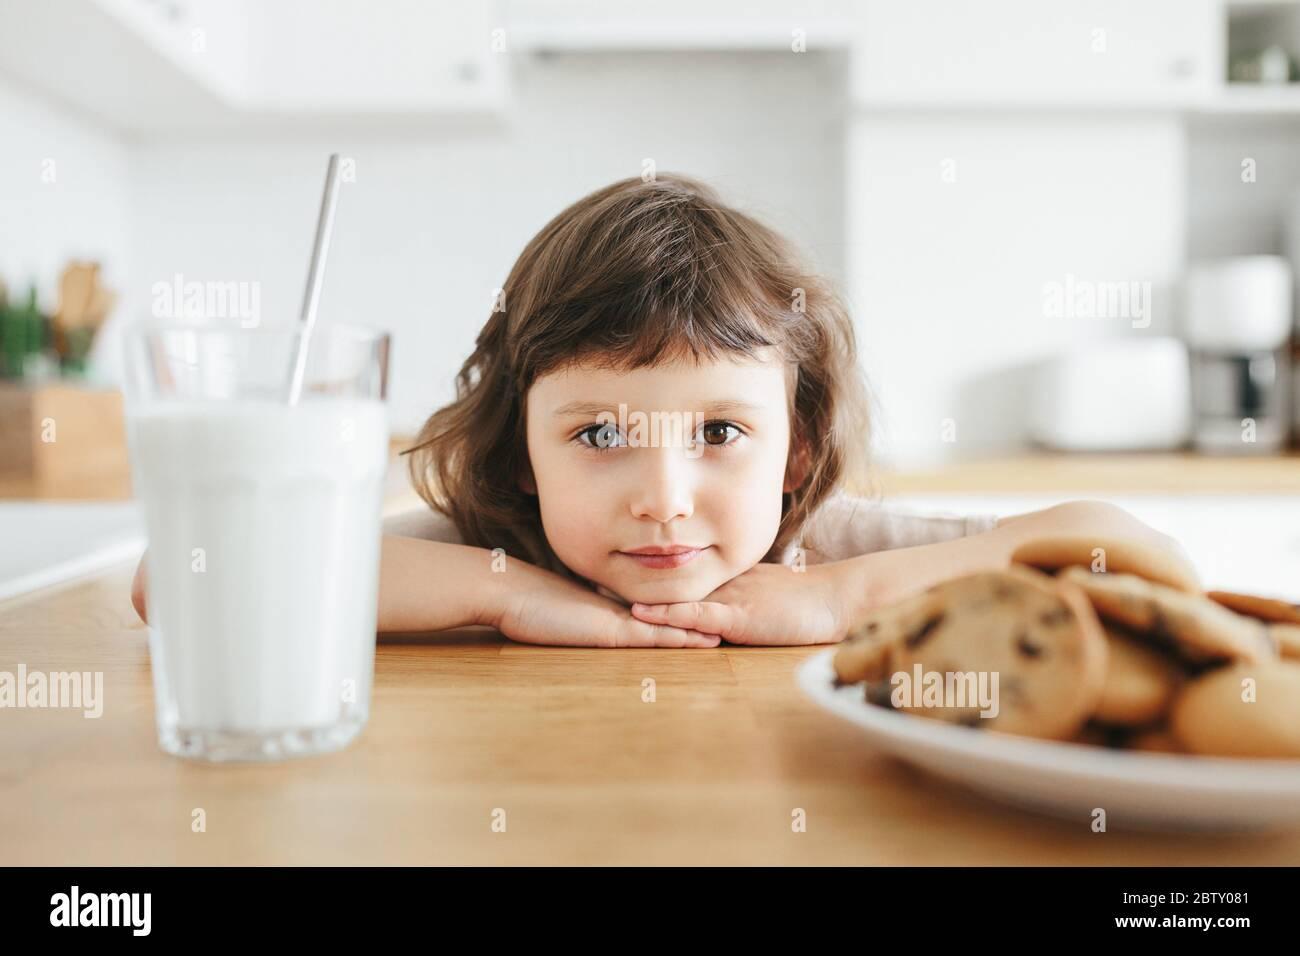 Linda niña pequeña bebiendo leche con paja de acero de vidrio y comiendo galletas sentadas en la mesa de la cocina. Reduzca el uso de plástico en casa con los niños Foto de stock